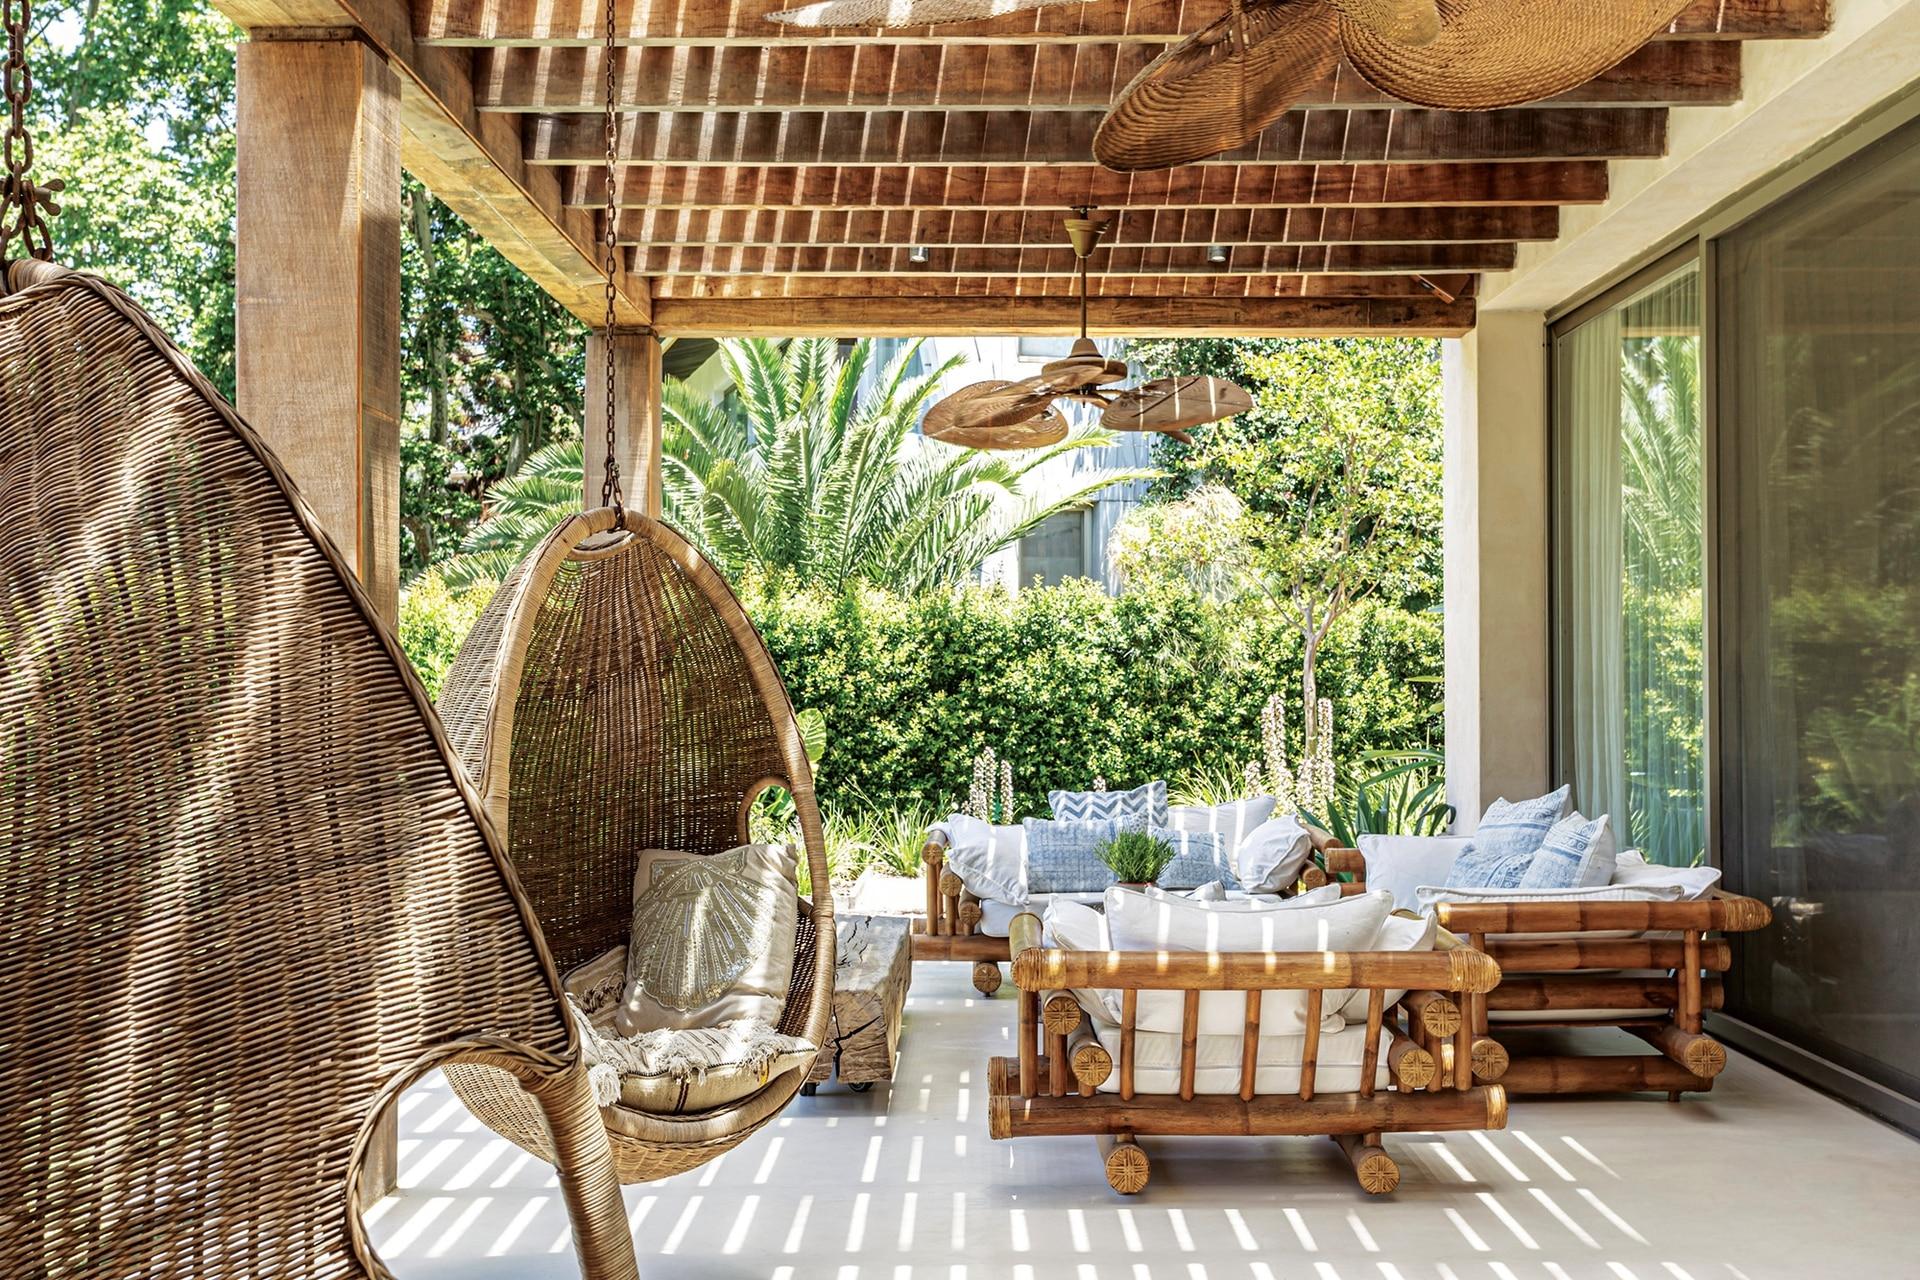 En la galería, ventiladores tipo cubanos (Mimbrero del Pilar), hamacas colgantes (Compañía Nativa), pérgola (Gabriel Konfederak) y living con sillones de bambú traídos de Uruguay.